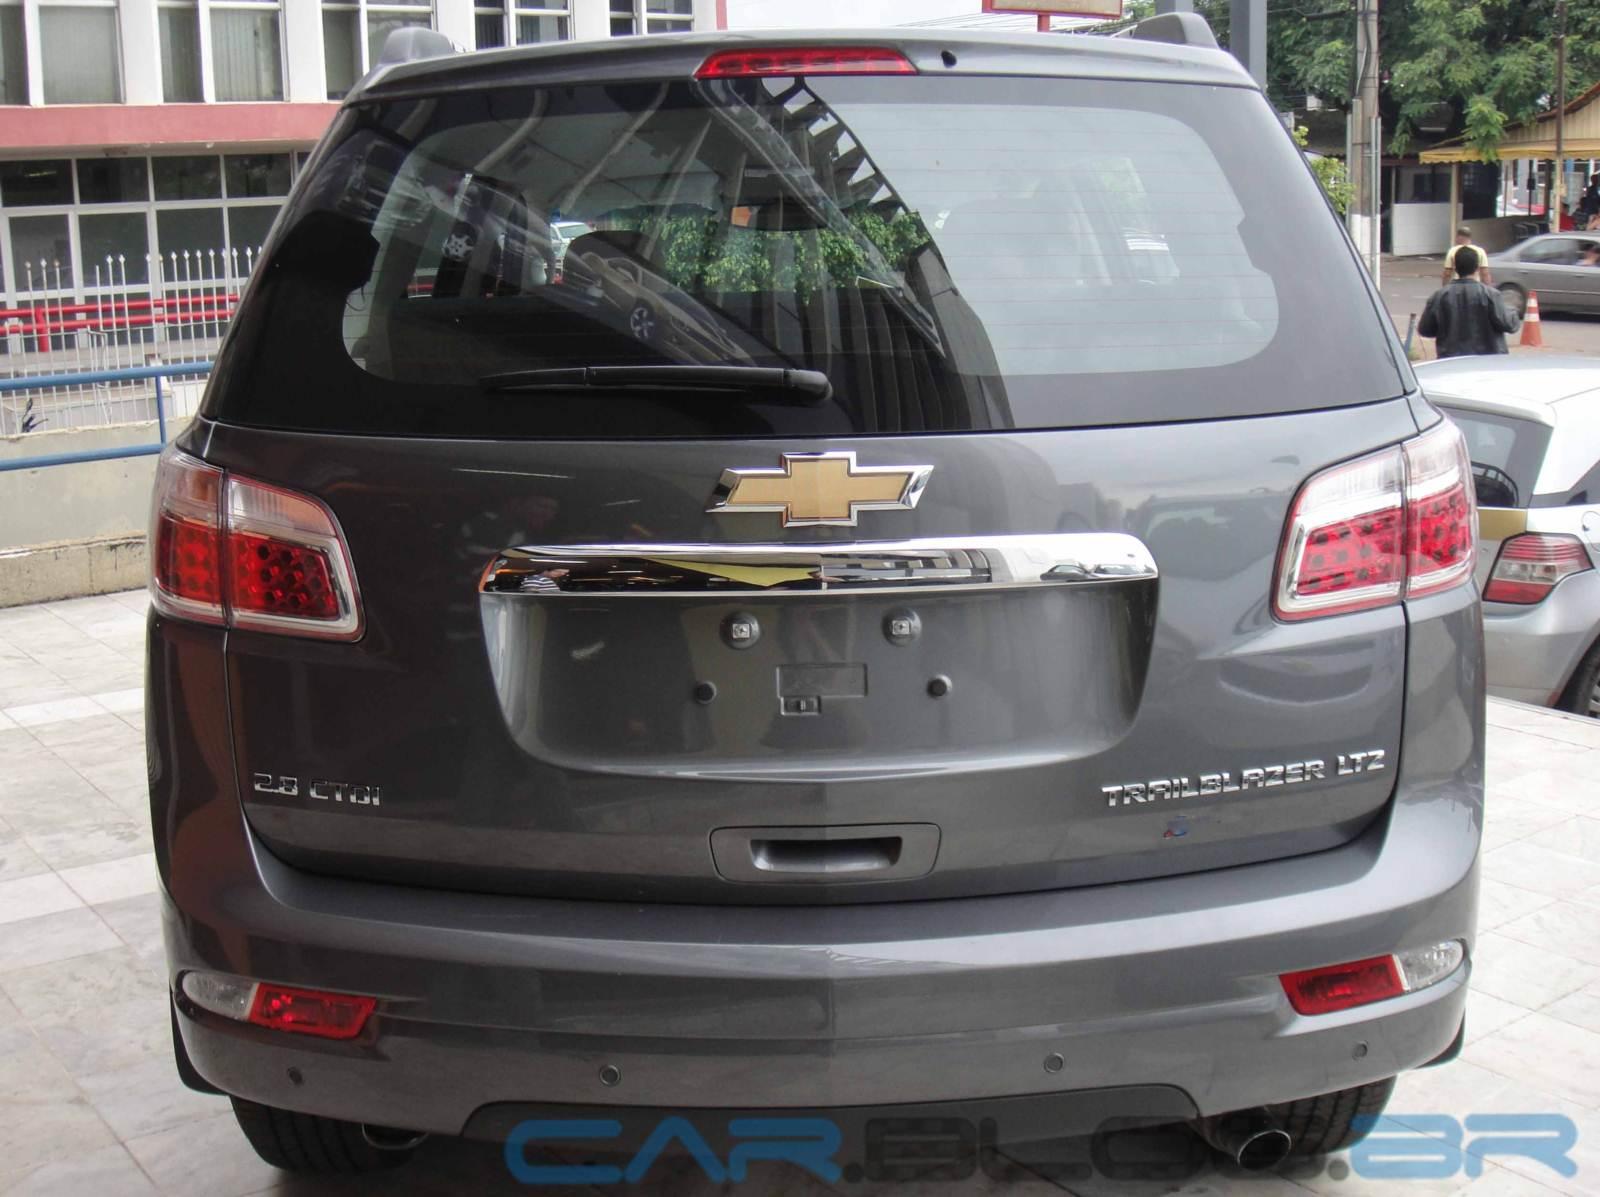 Chevrolet TrailBlazer Logos